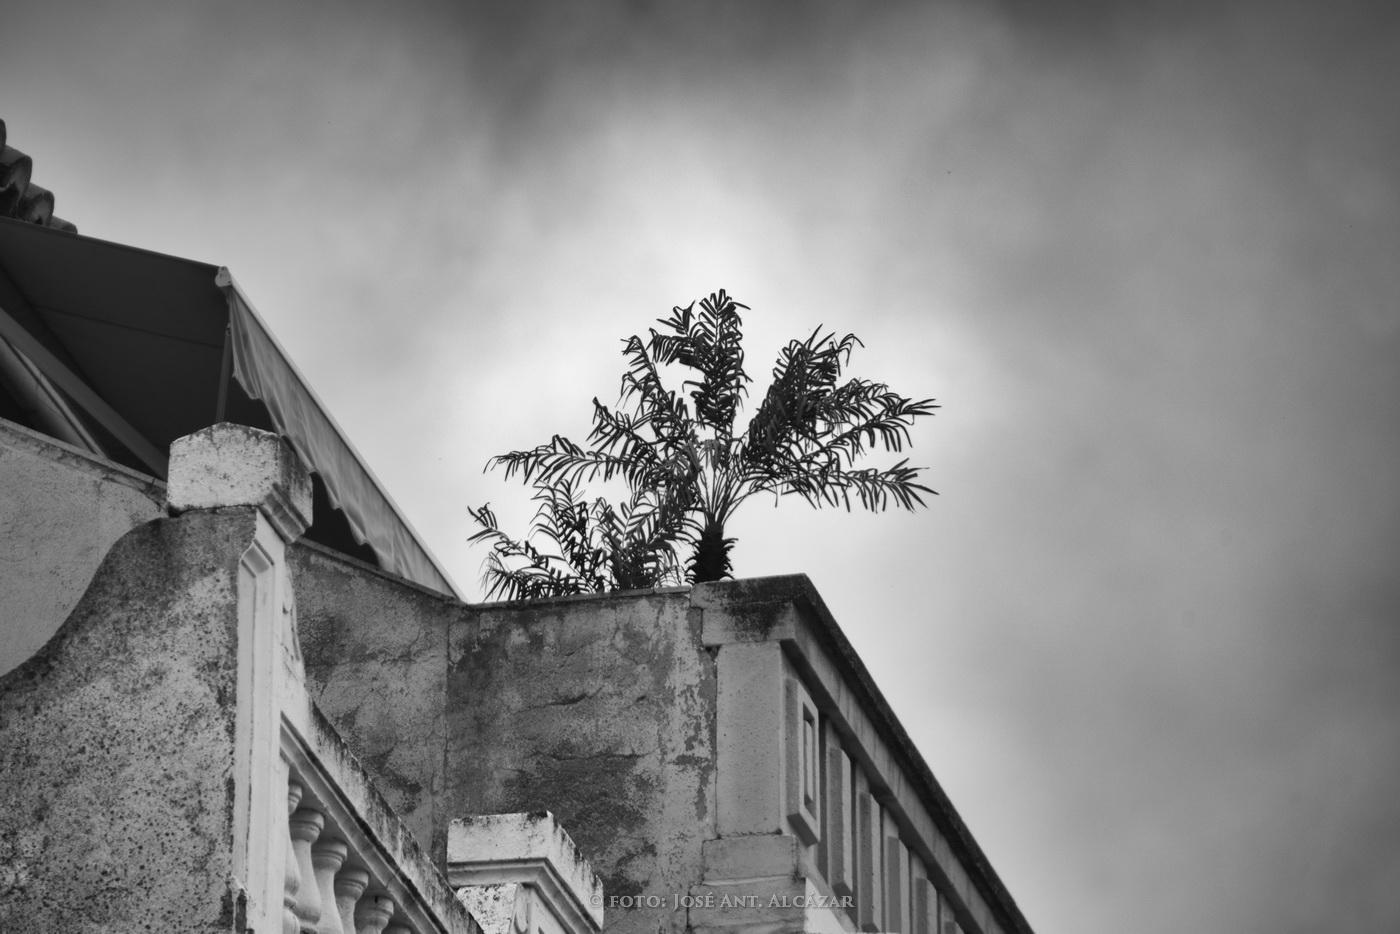 Ático  de un edificio con una palmera